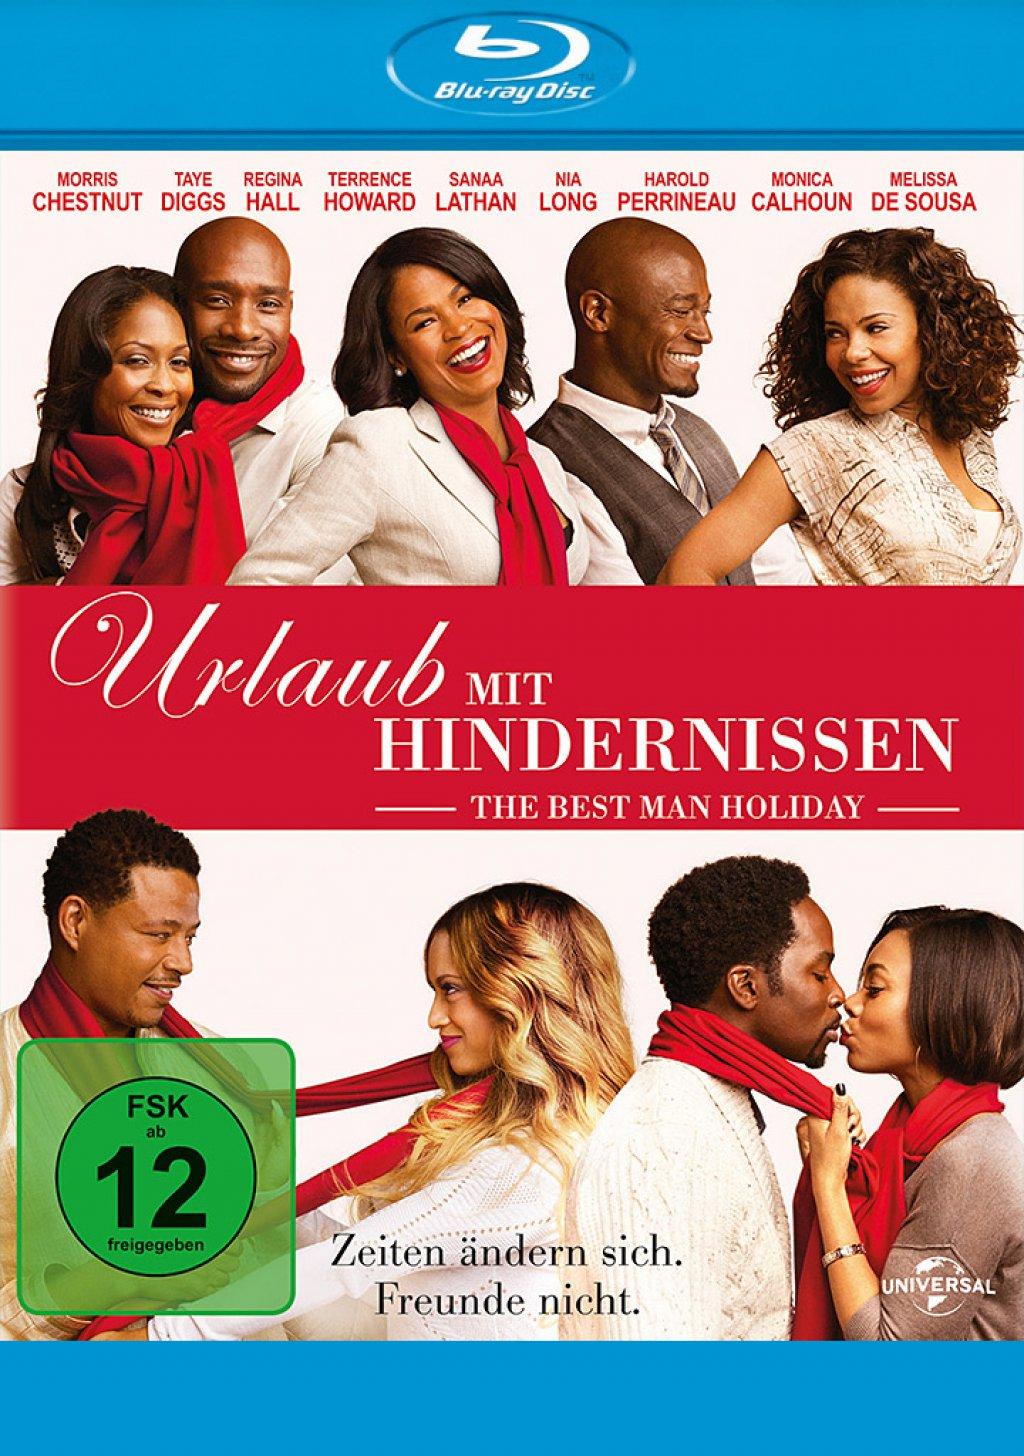 Urlaub mit Hindernissen (Blu-ray)